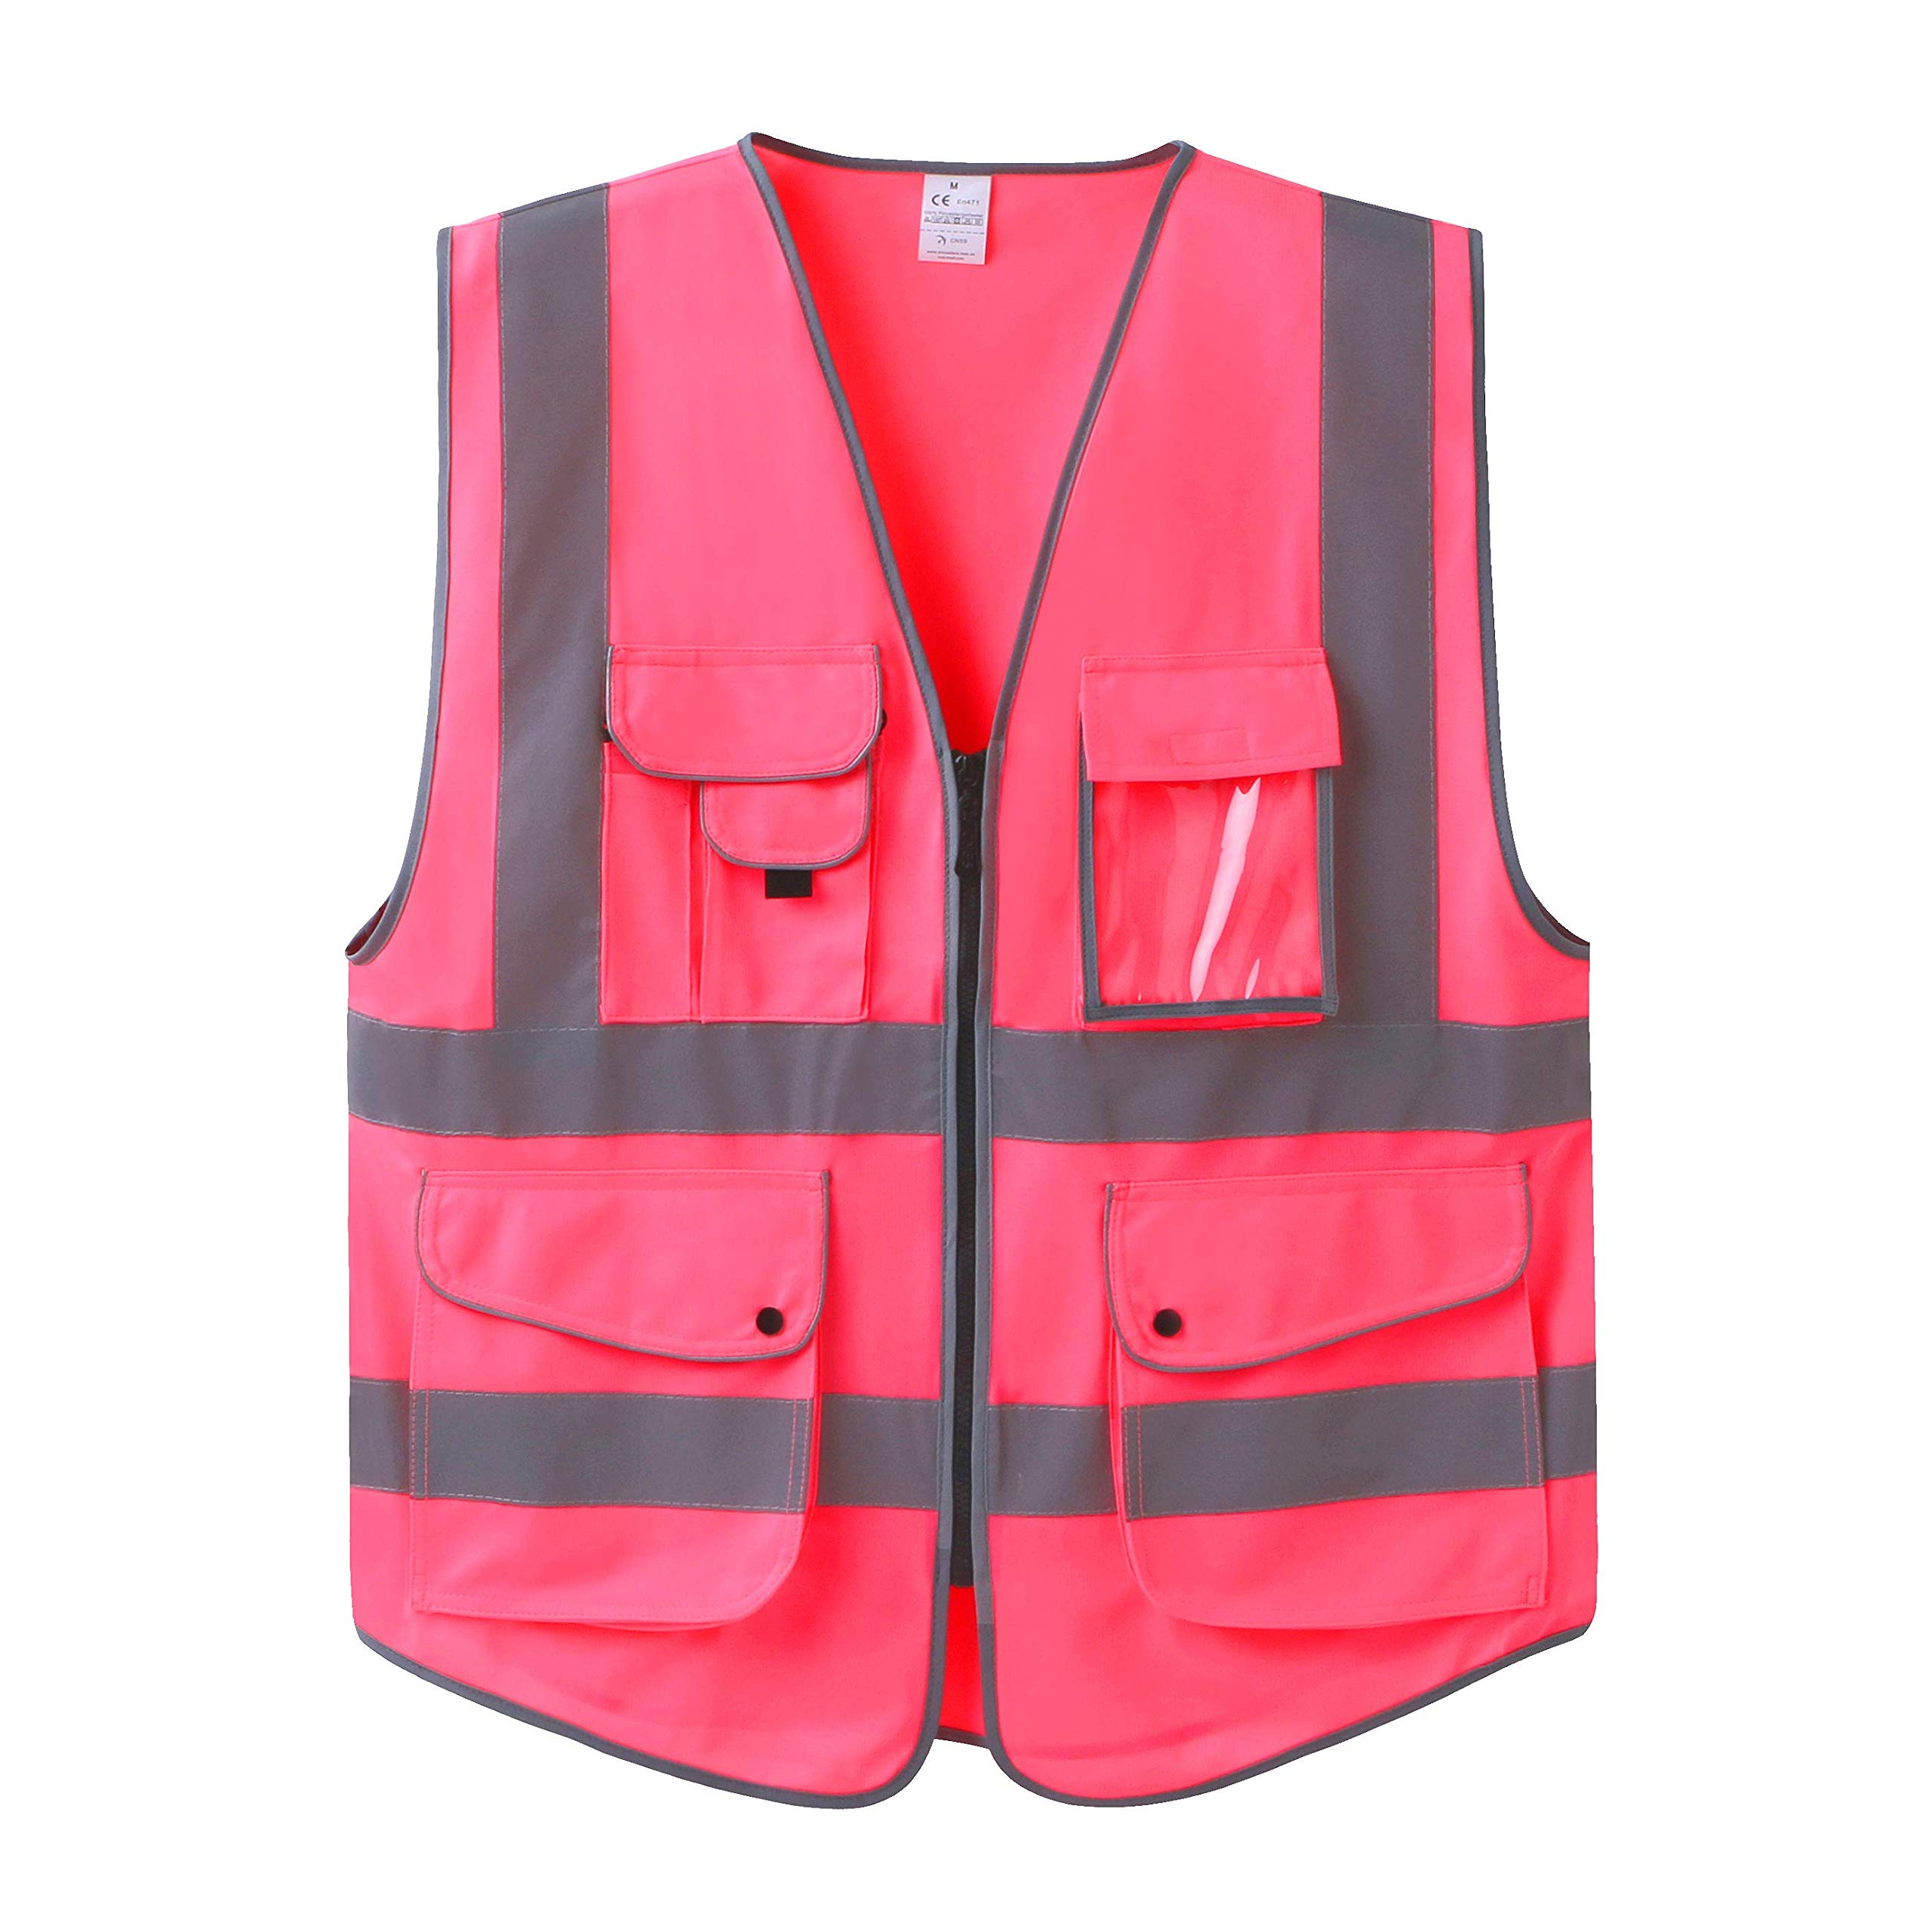 Uninova Safety Vest High Visibility - 9 Pockets Reflective Vest for Men & Women - ANSI/ISEA Standards (Large, Pink)